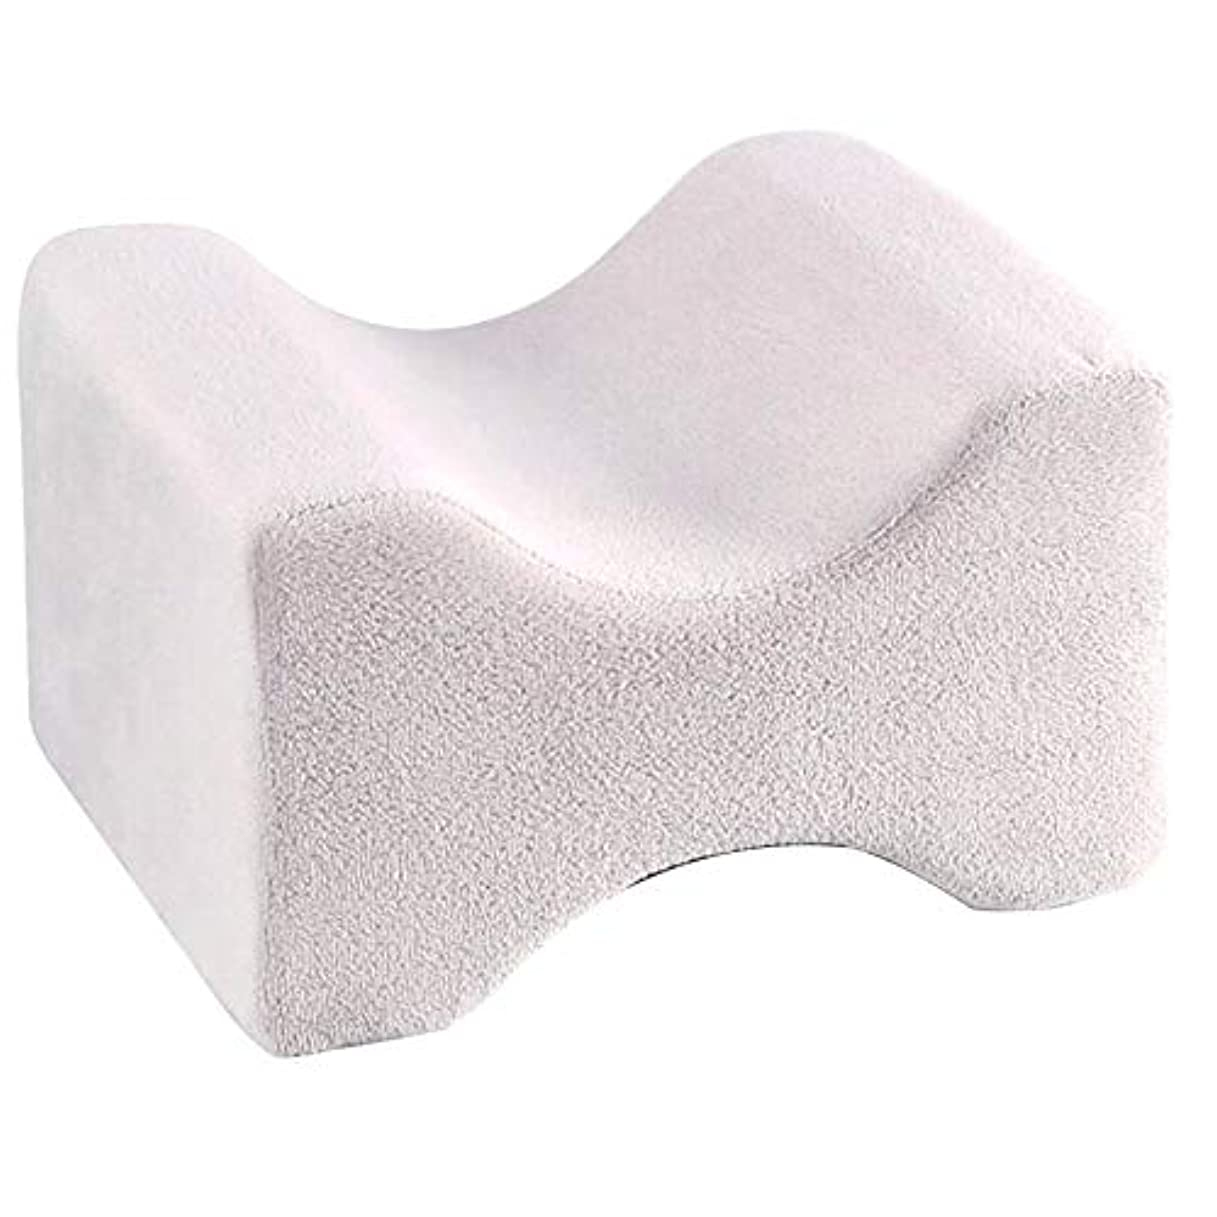 腹リークレイソフト枕膝枕クリップ足低反発ウェッジ遅いリバウンドメモリ綿クランプマッサージ枕用男性女性